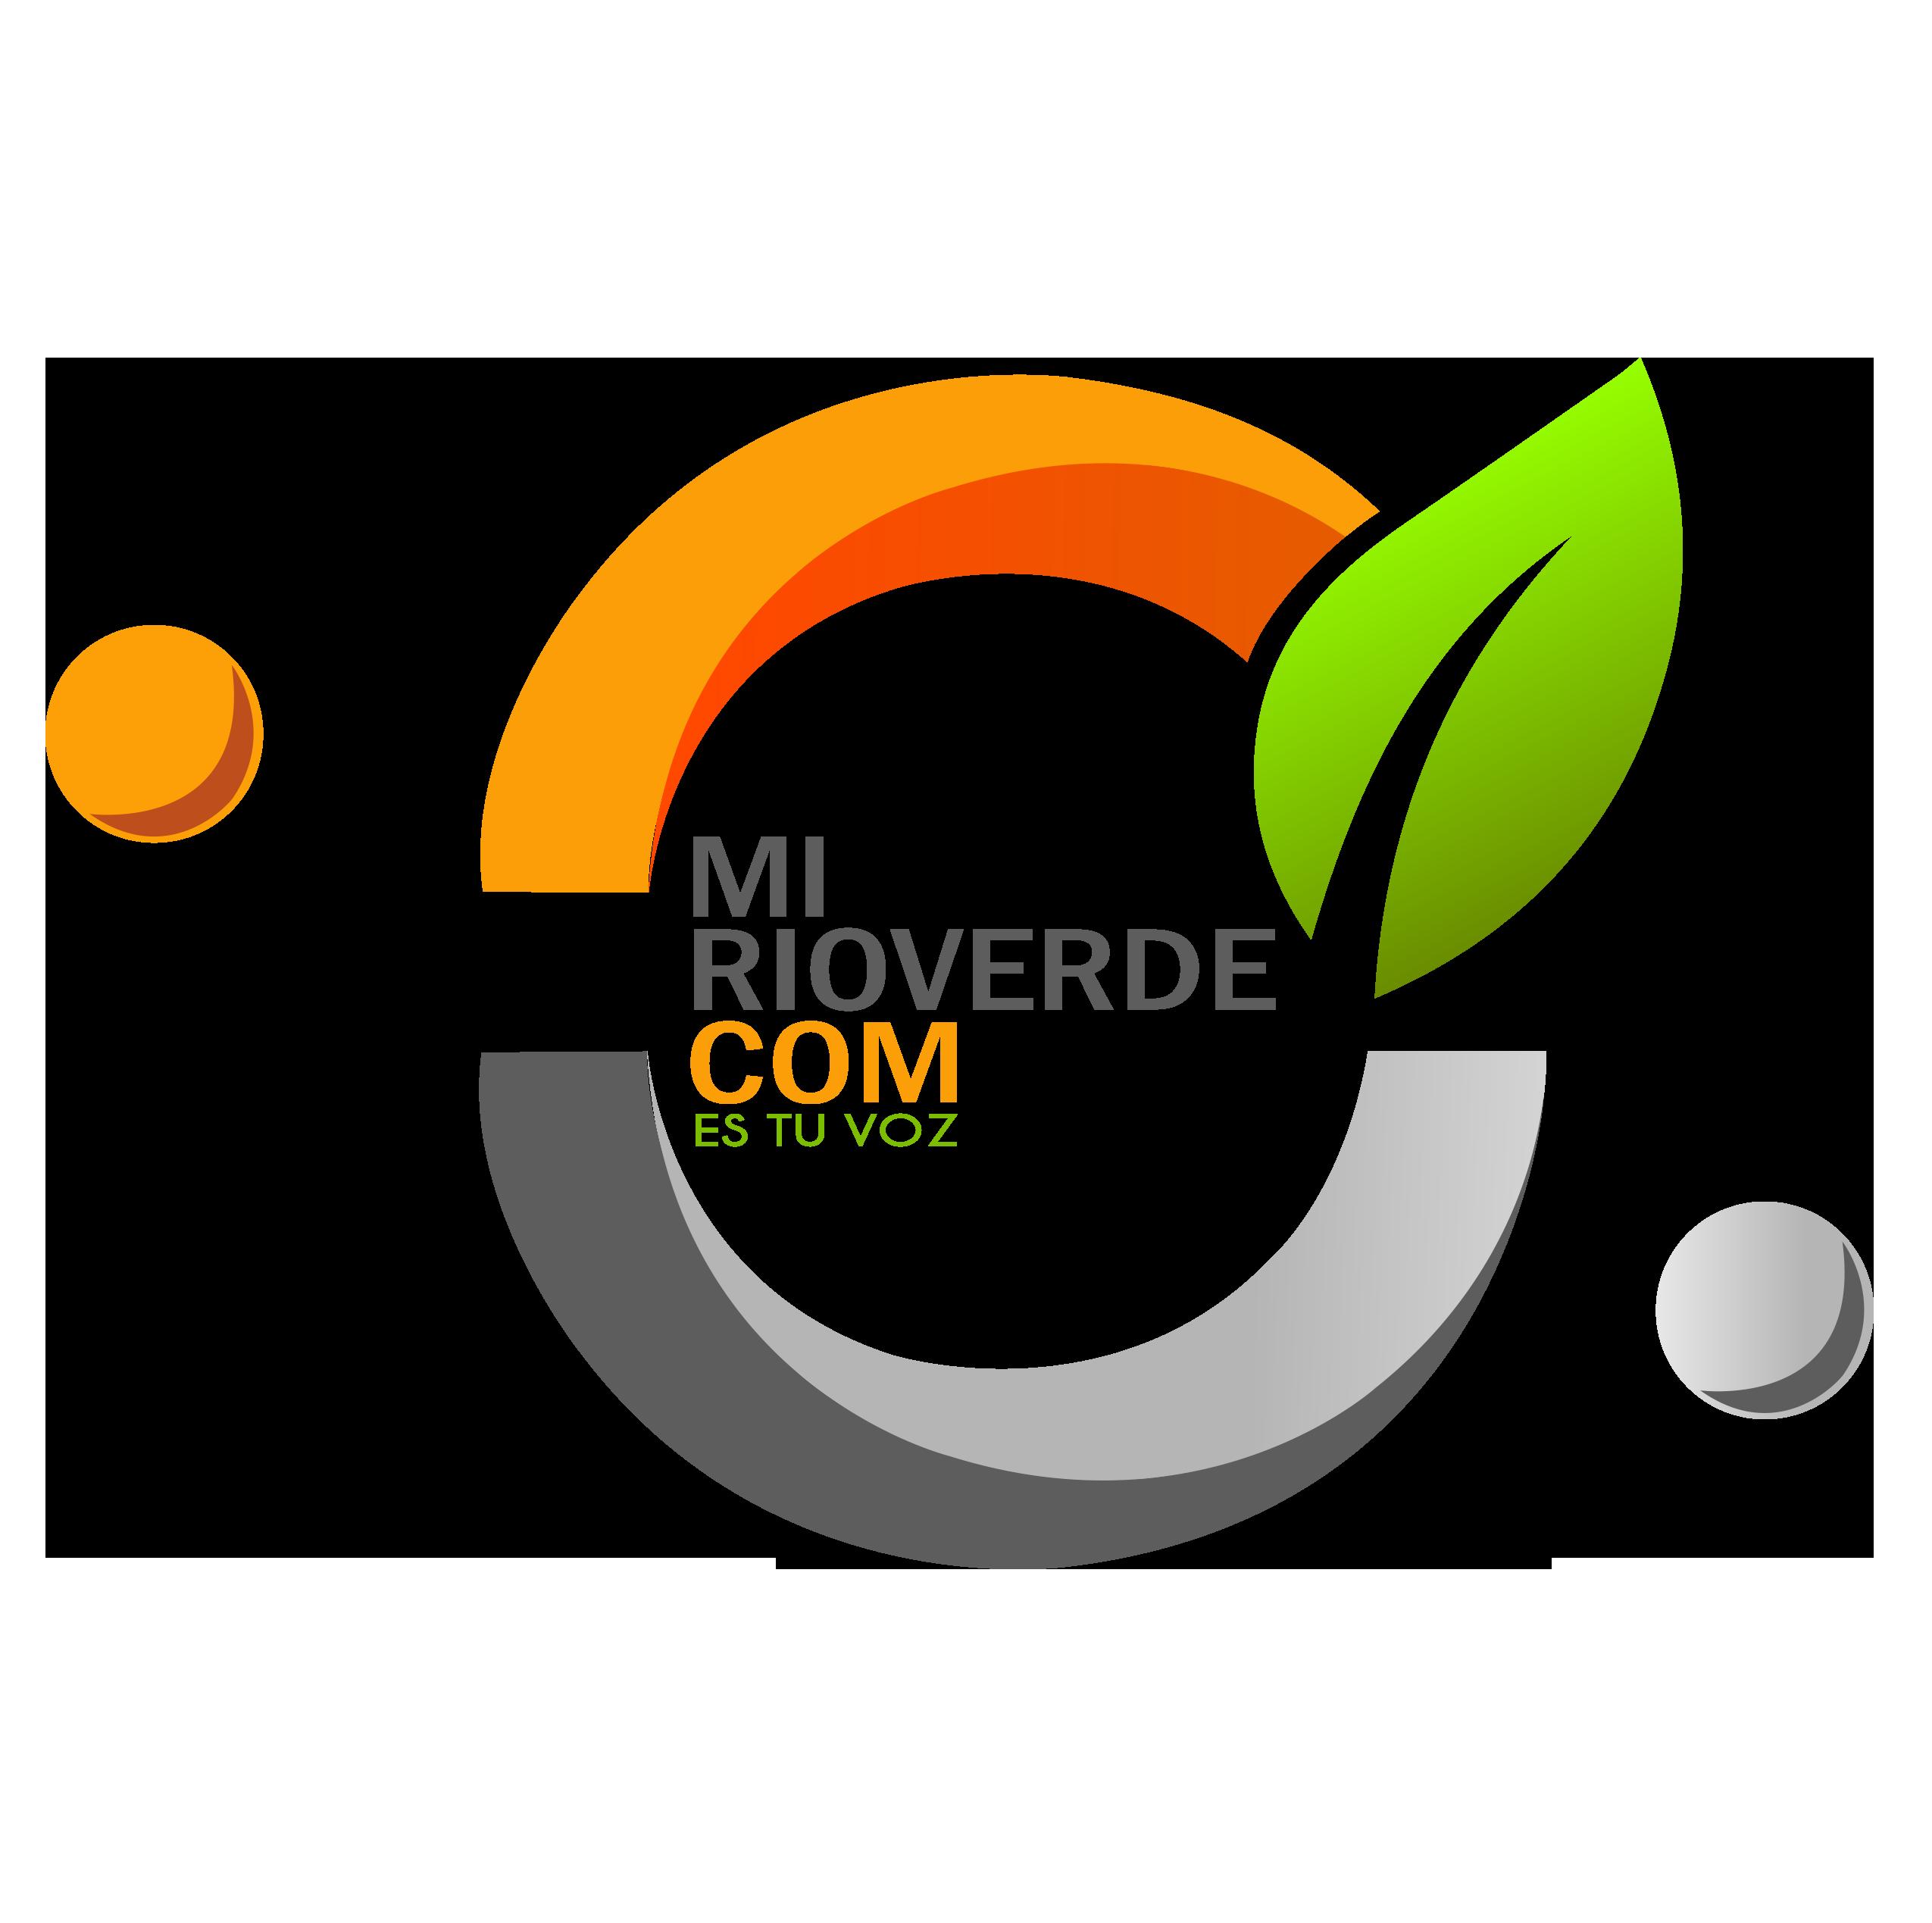 mirioverde.com